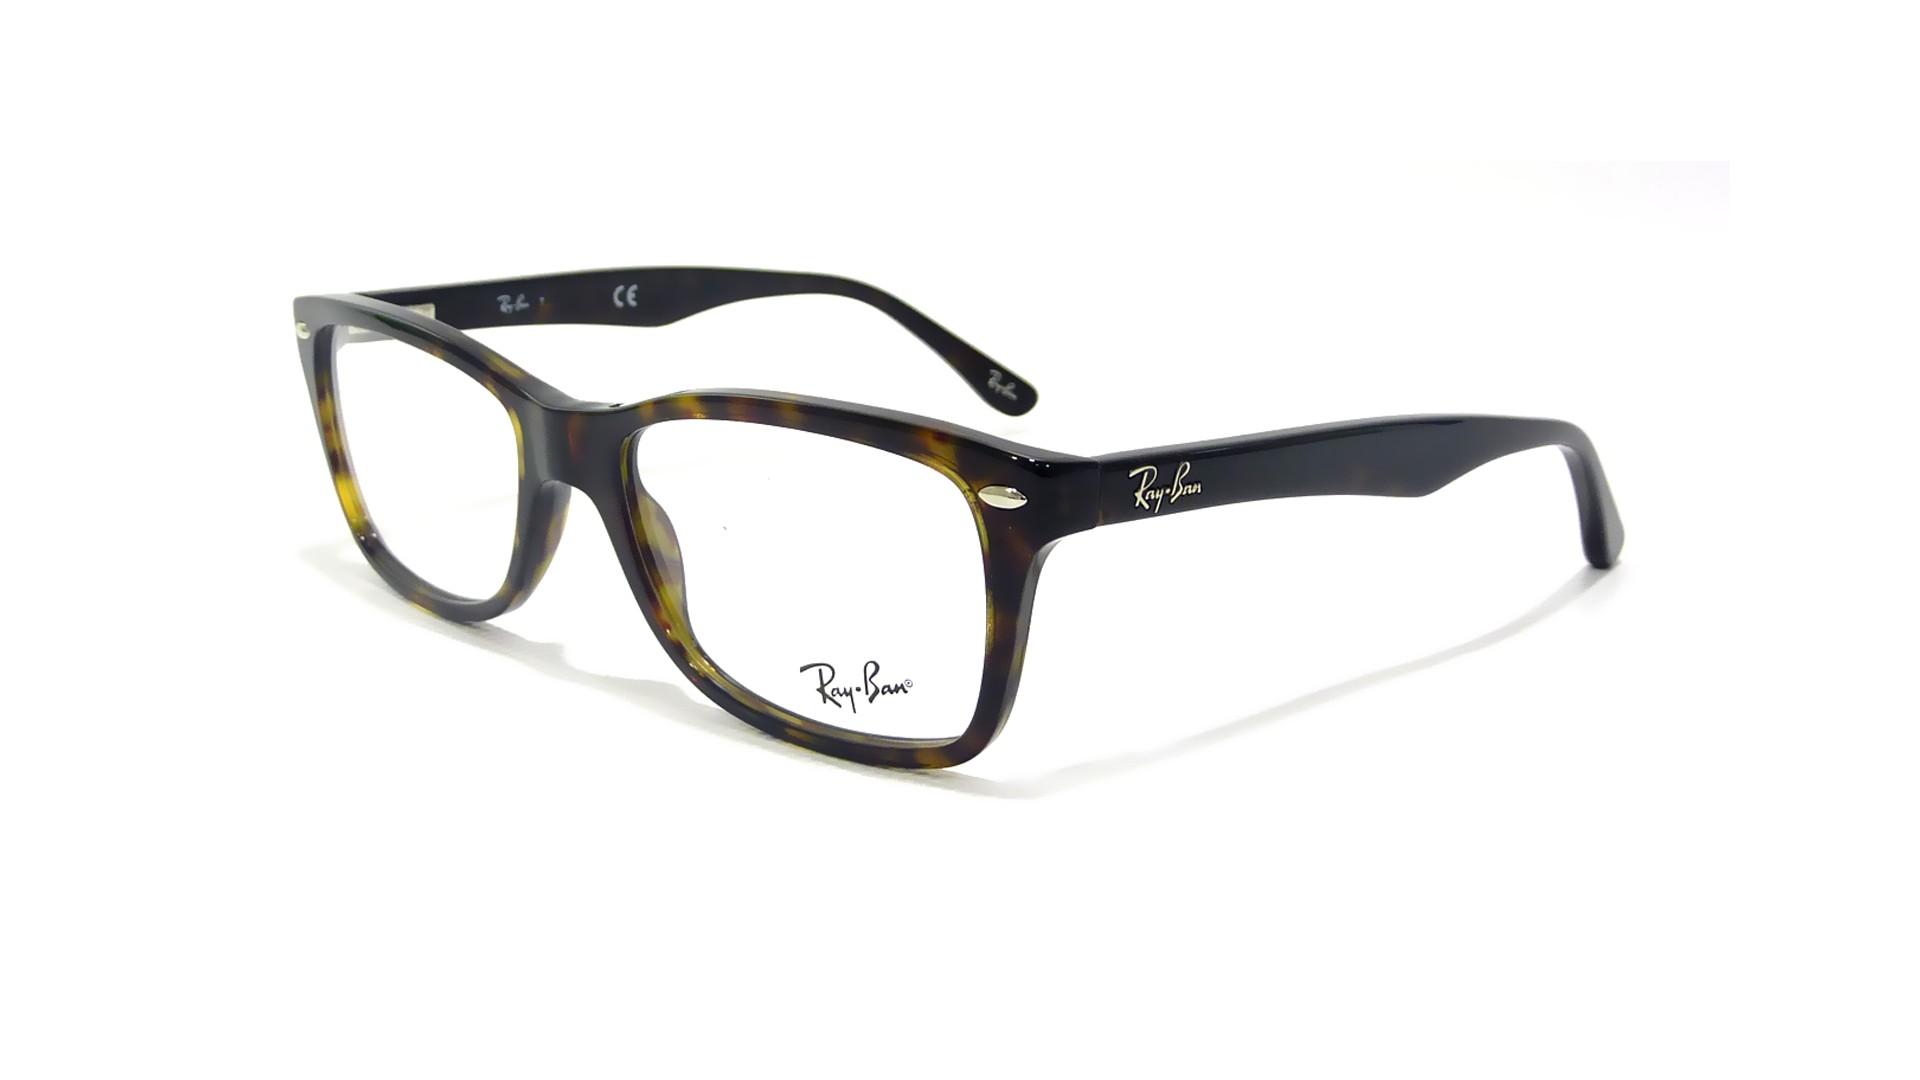 85eed4f619c8e Eyeglasses Ray-Ban RX5228 RB5228 2012 53-17 Tortoise Medium